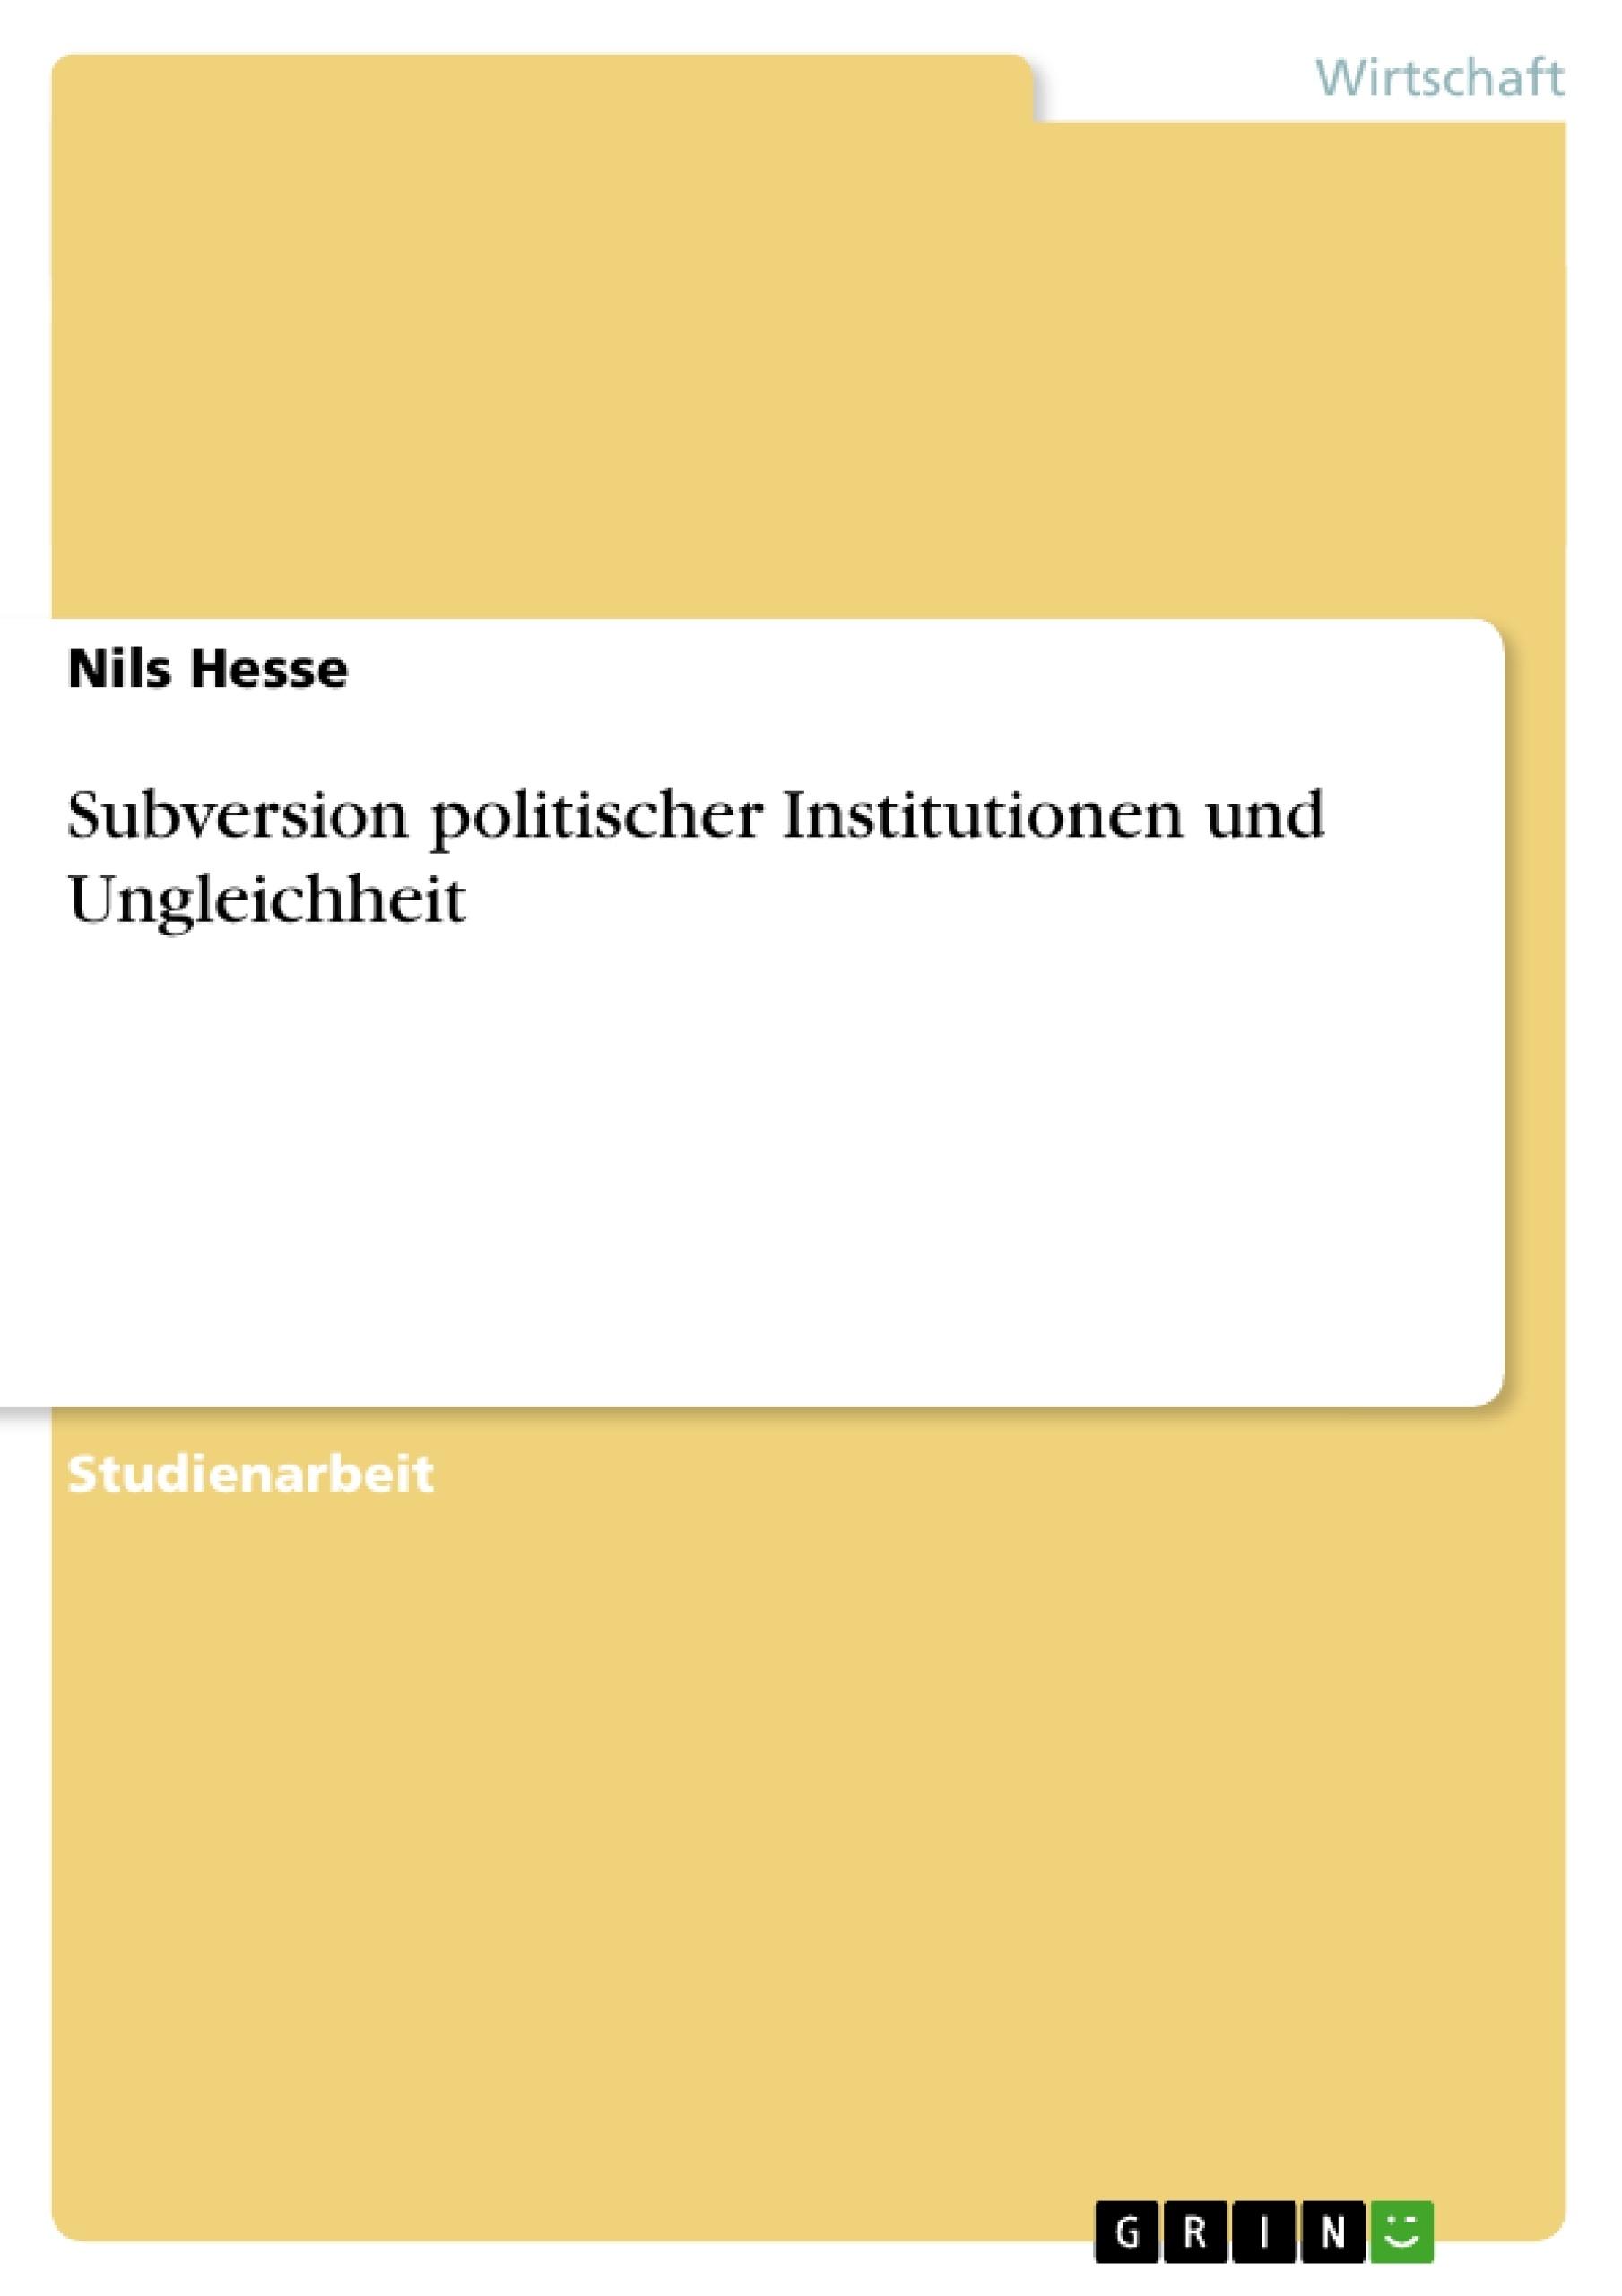 Titel: Subversion politischer Institutionen und Ungleichheit